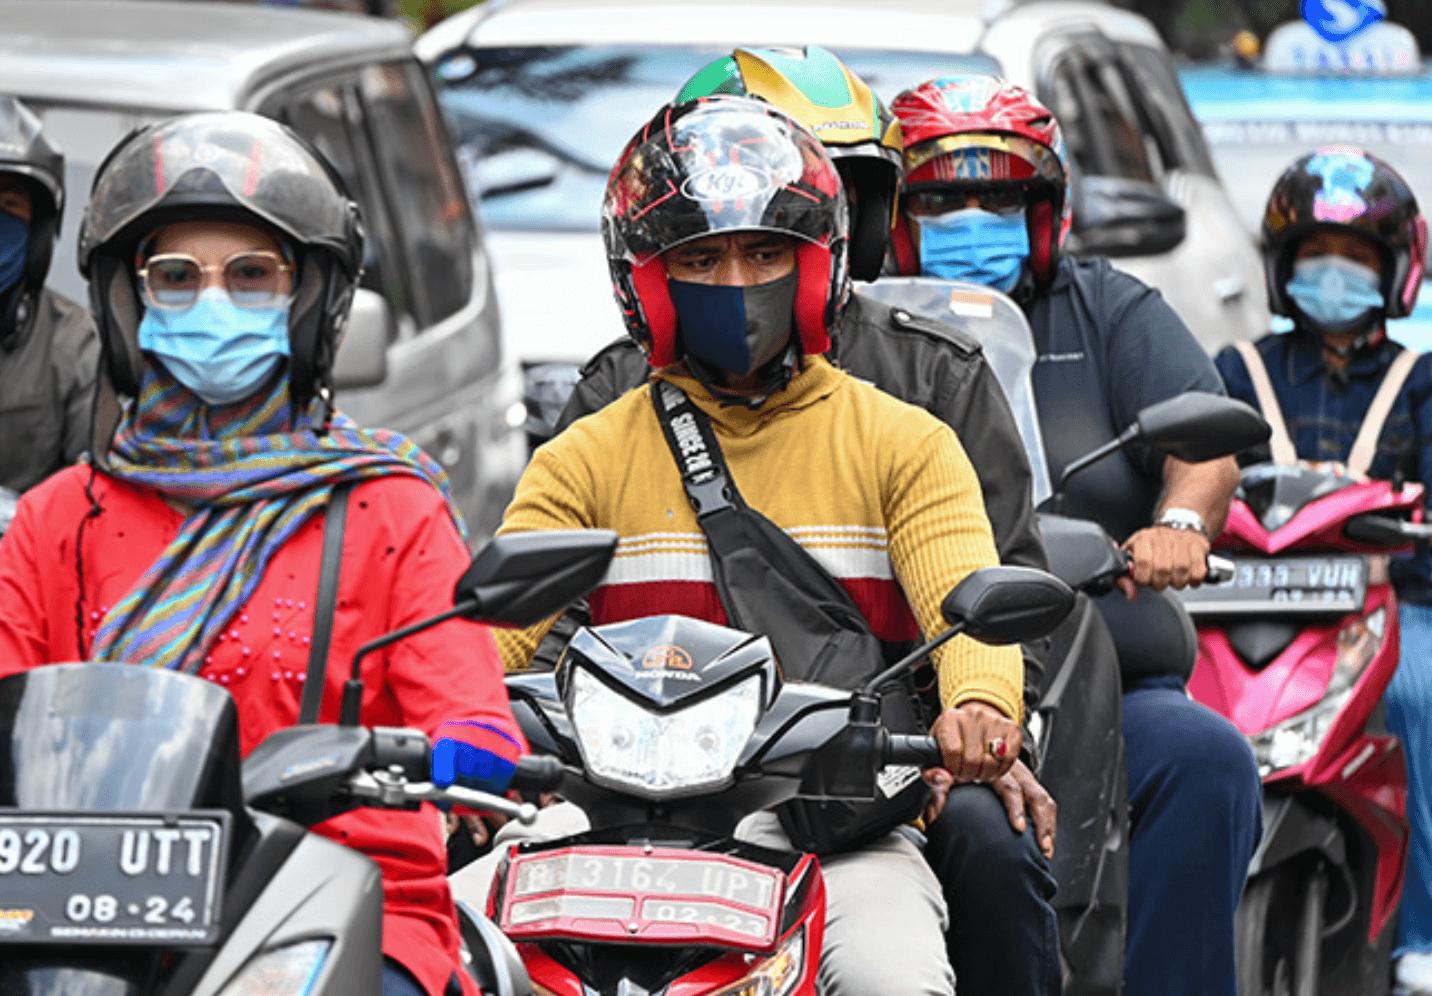 インドネシア:二極化が進む社会の〝足〟 商機ととらえる中国勢